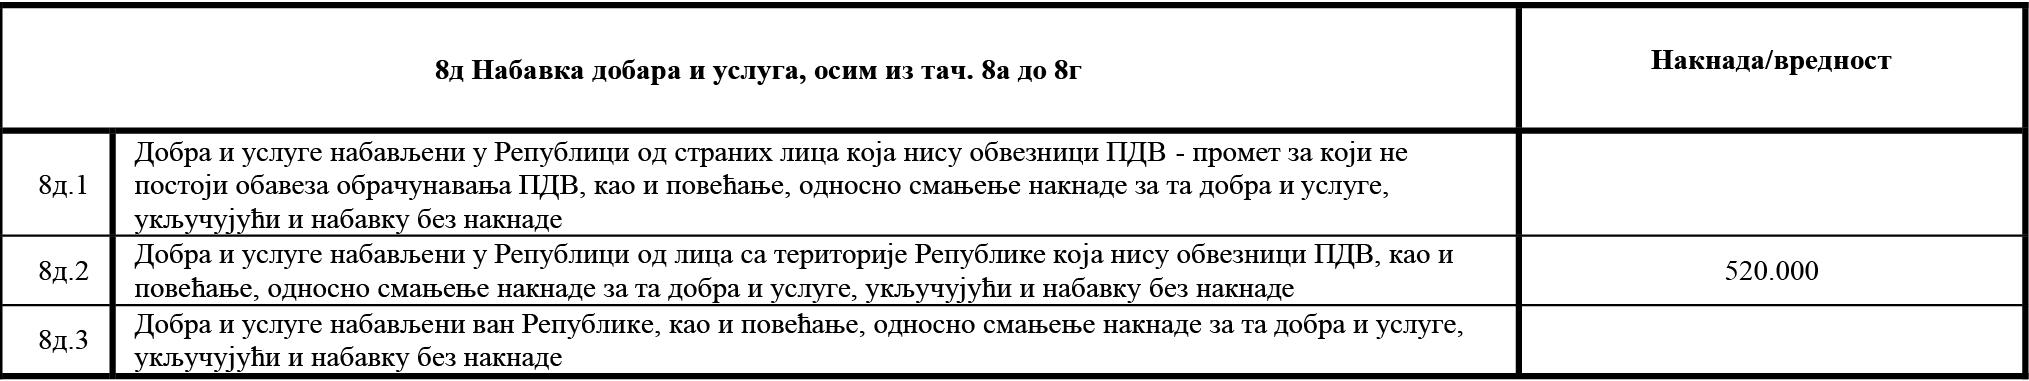 uputstvo PU obrazac POPDV primer 115